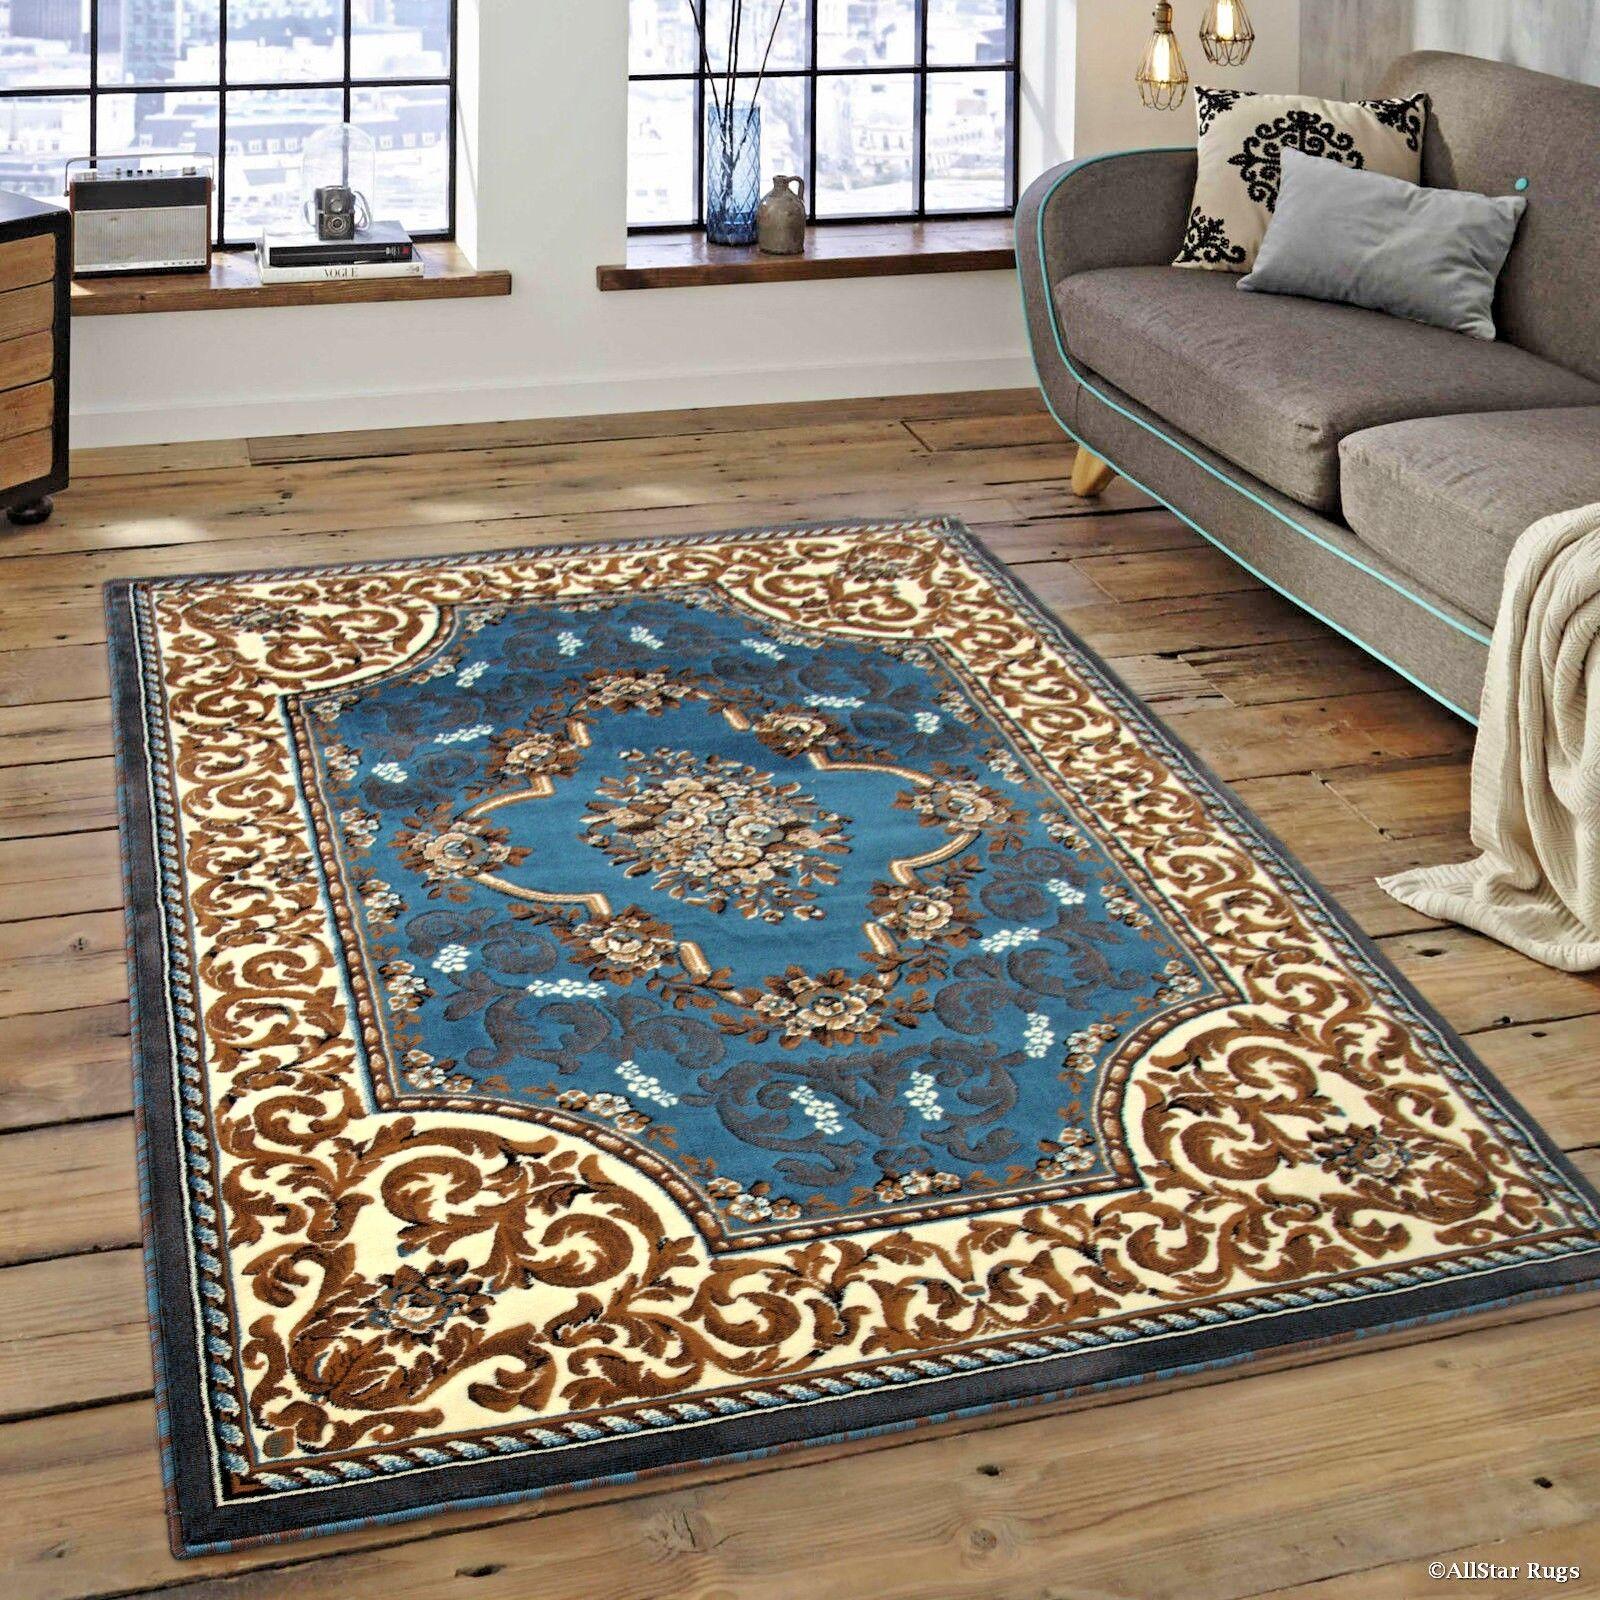 RUGS AREA RUGS CARPET 8x10 ORIENTAL LIVING ROOM FLOOR LARGE FLORAL BIG BLUE RUGS